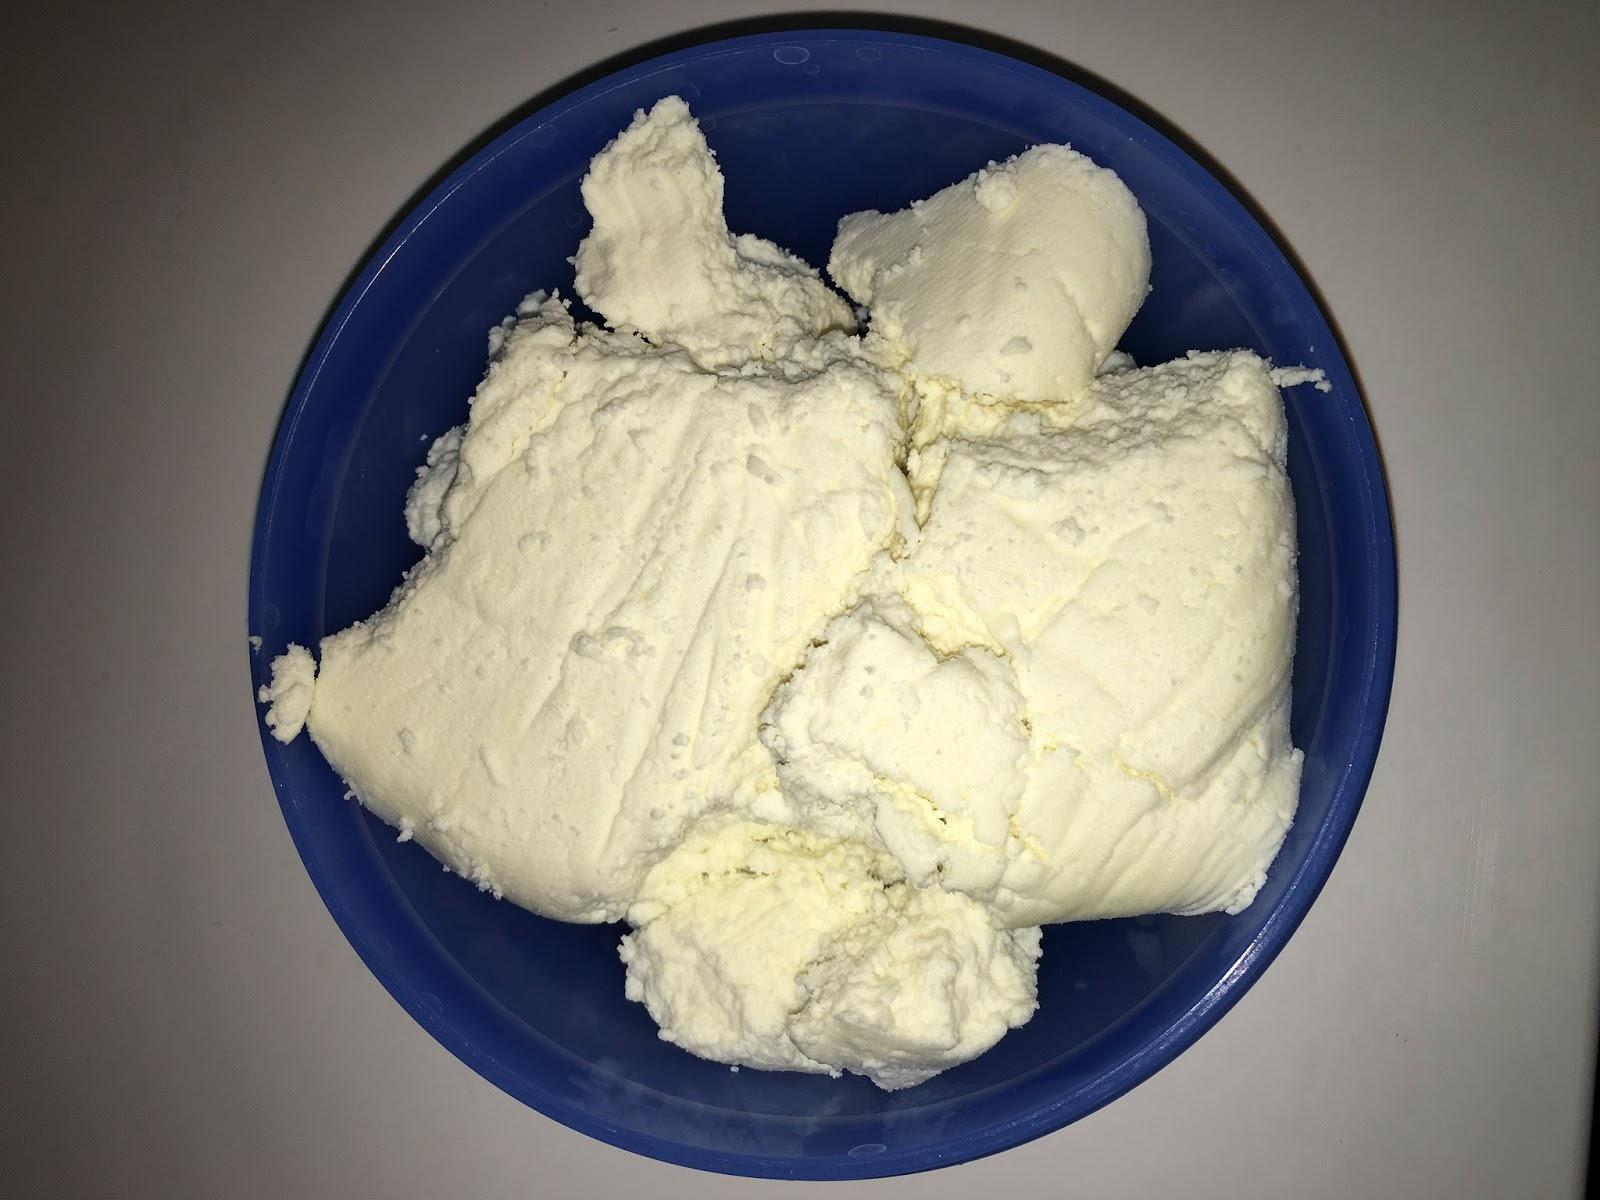 Bozuk Sütle Tatlı Yapılır mı